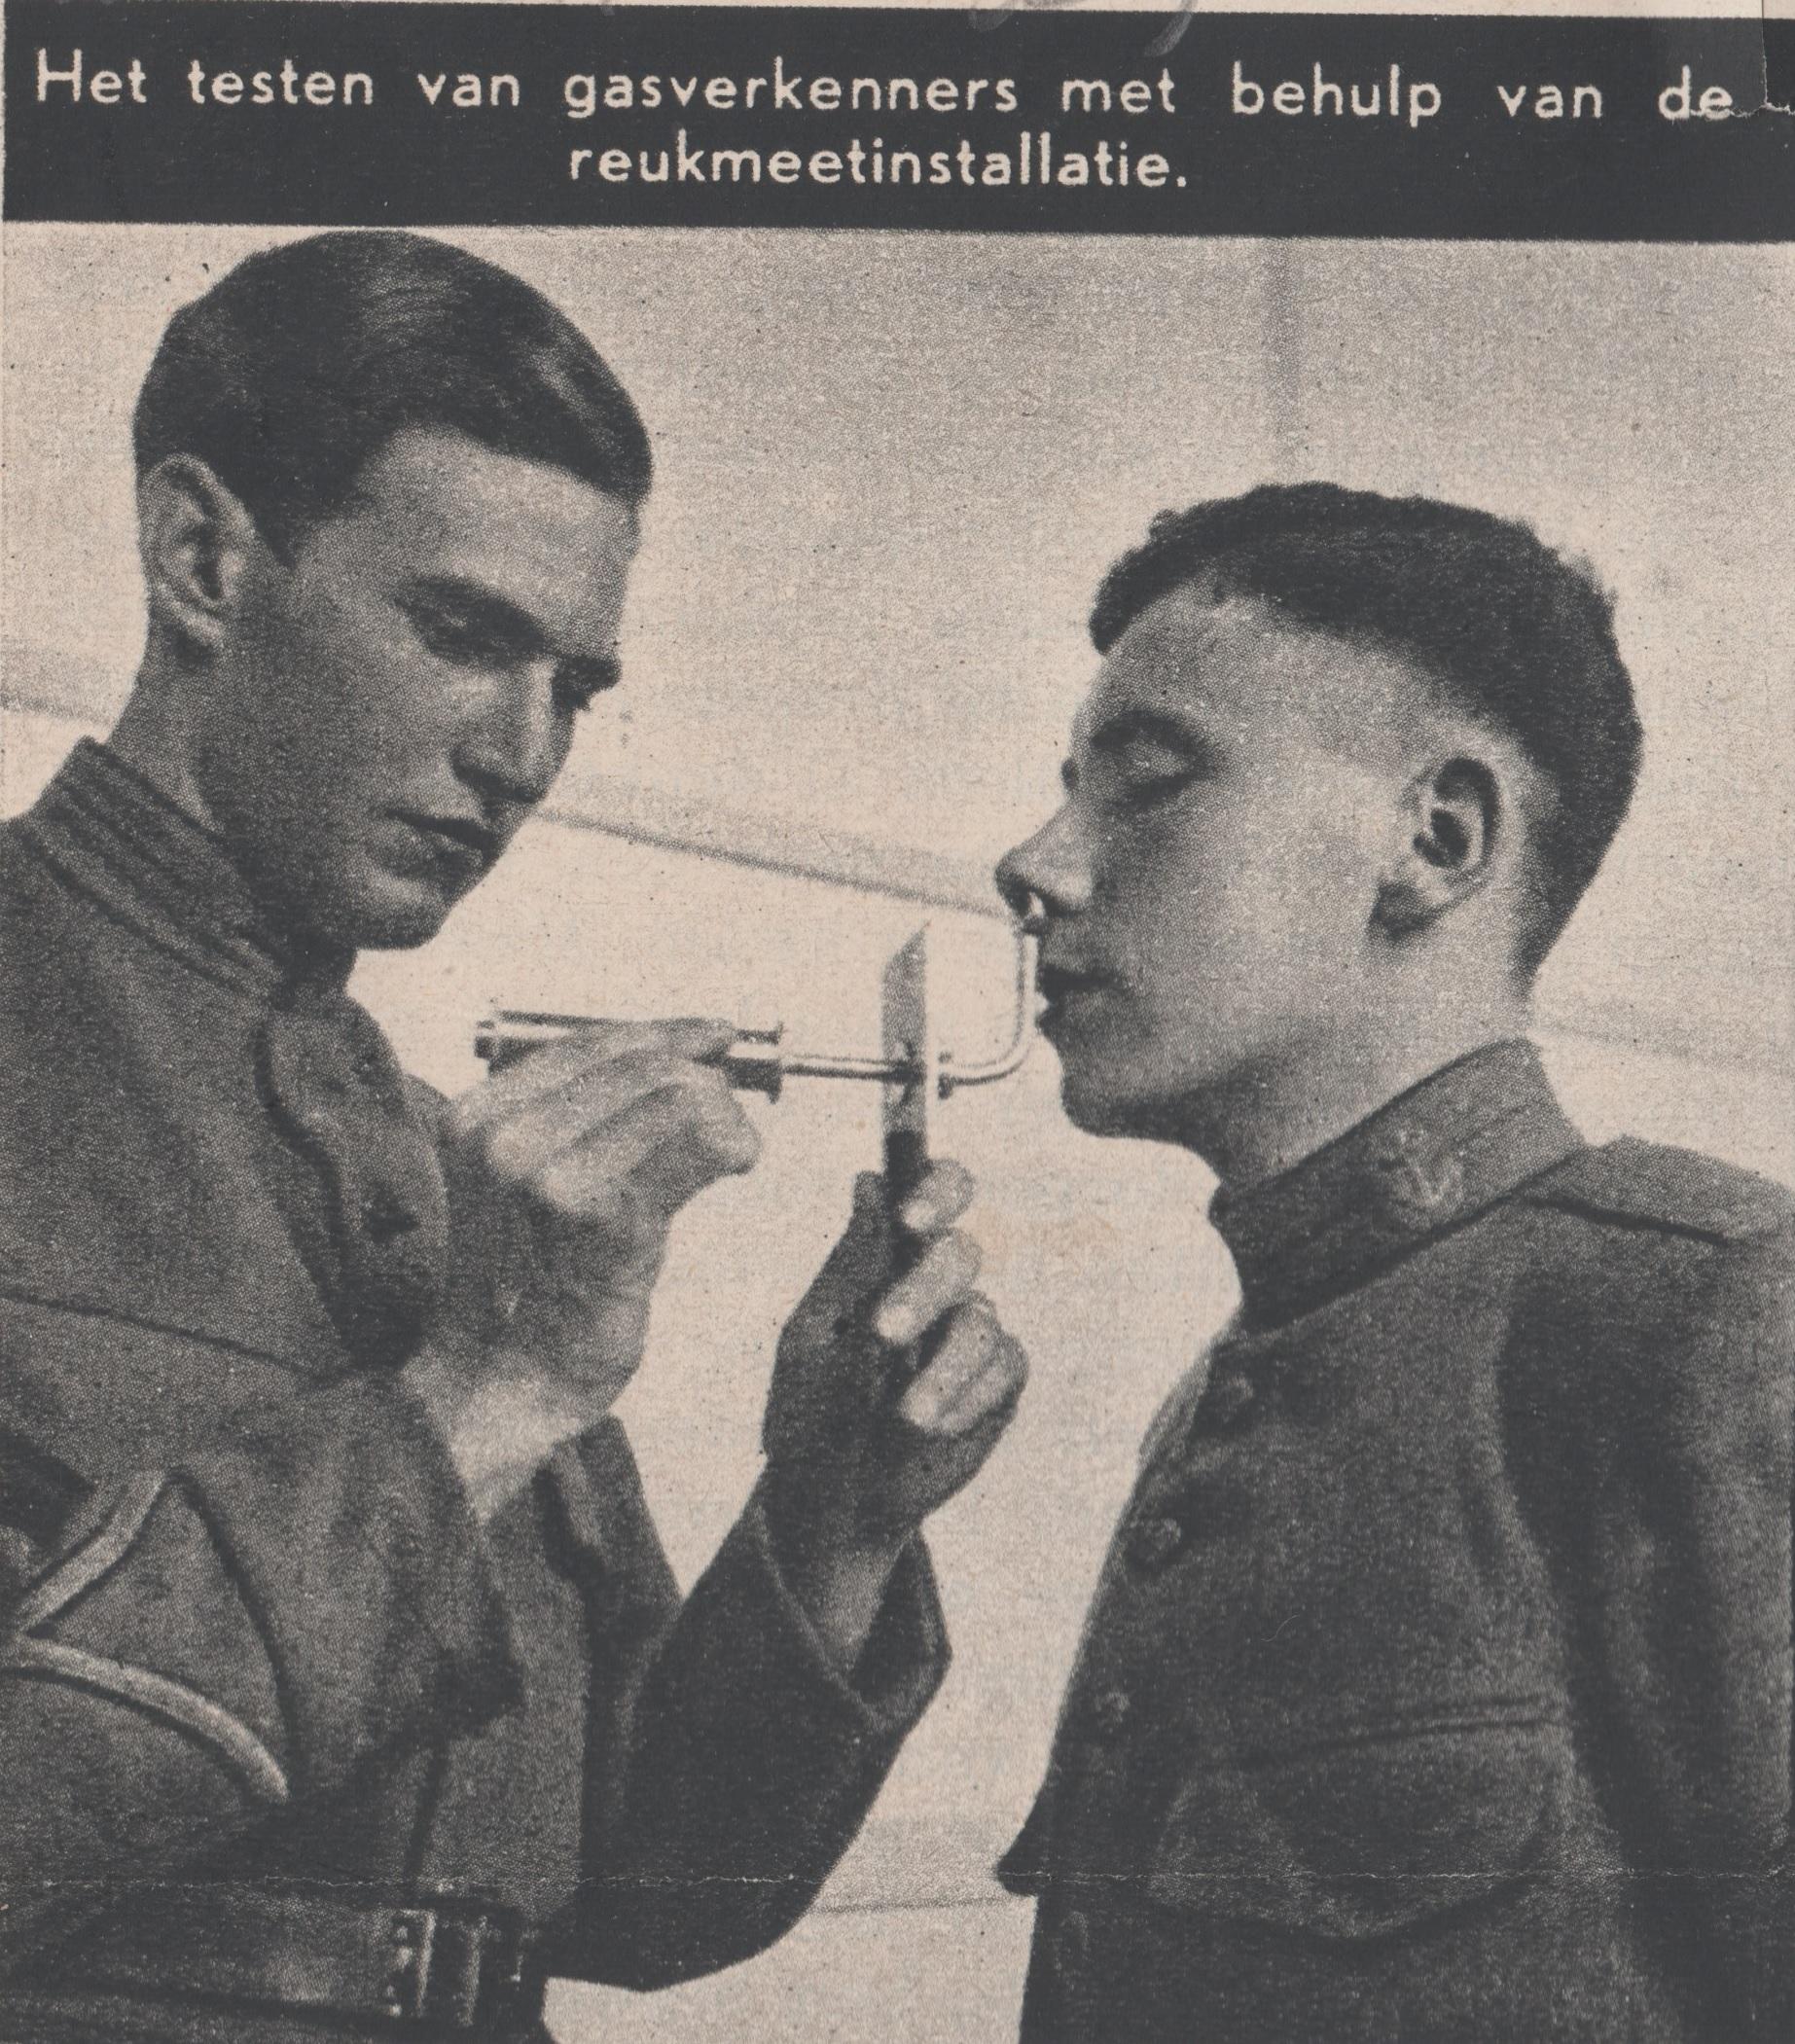 Gorinchem 1939 - Het testen van de gasverkenners met behulp van de reukmeetinstallatie